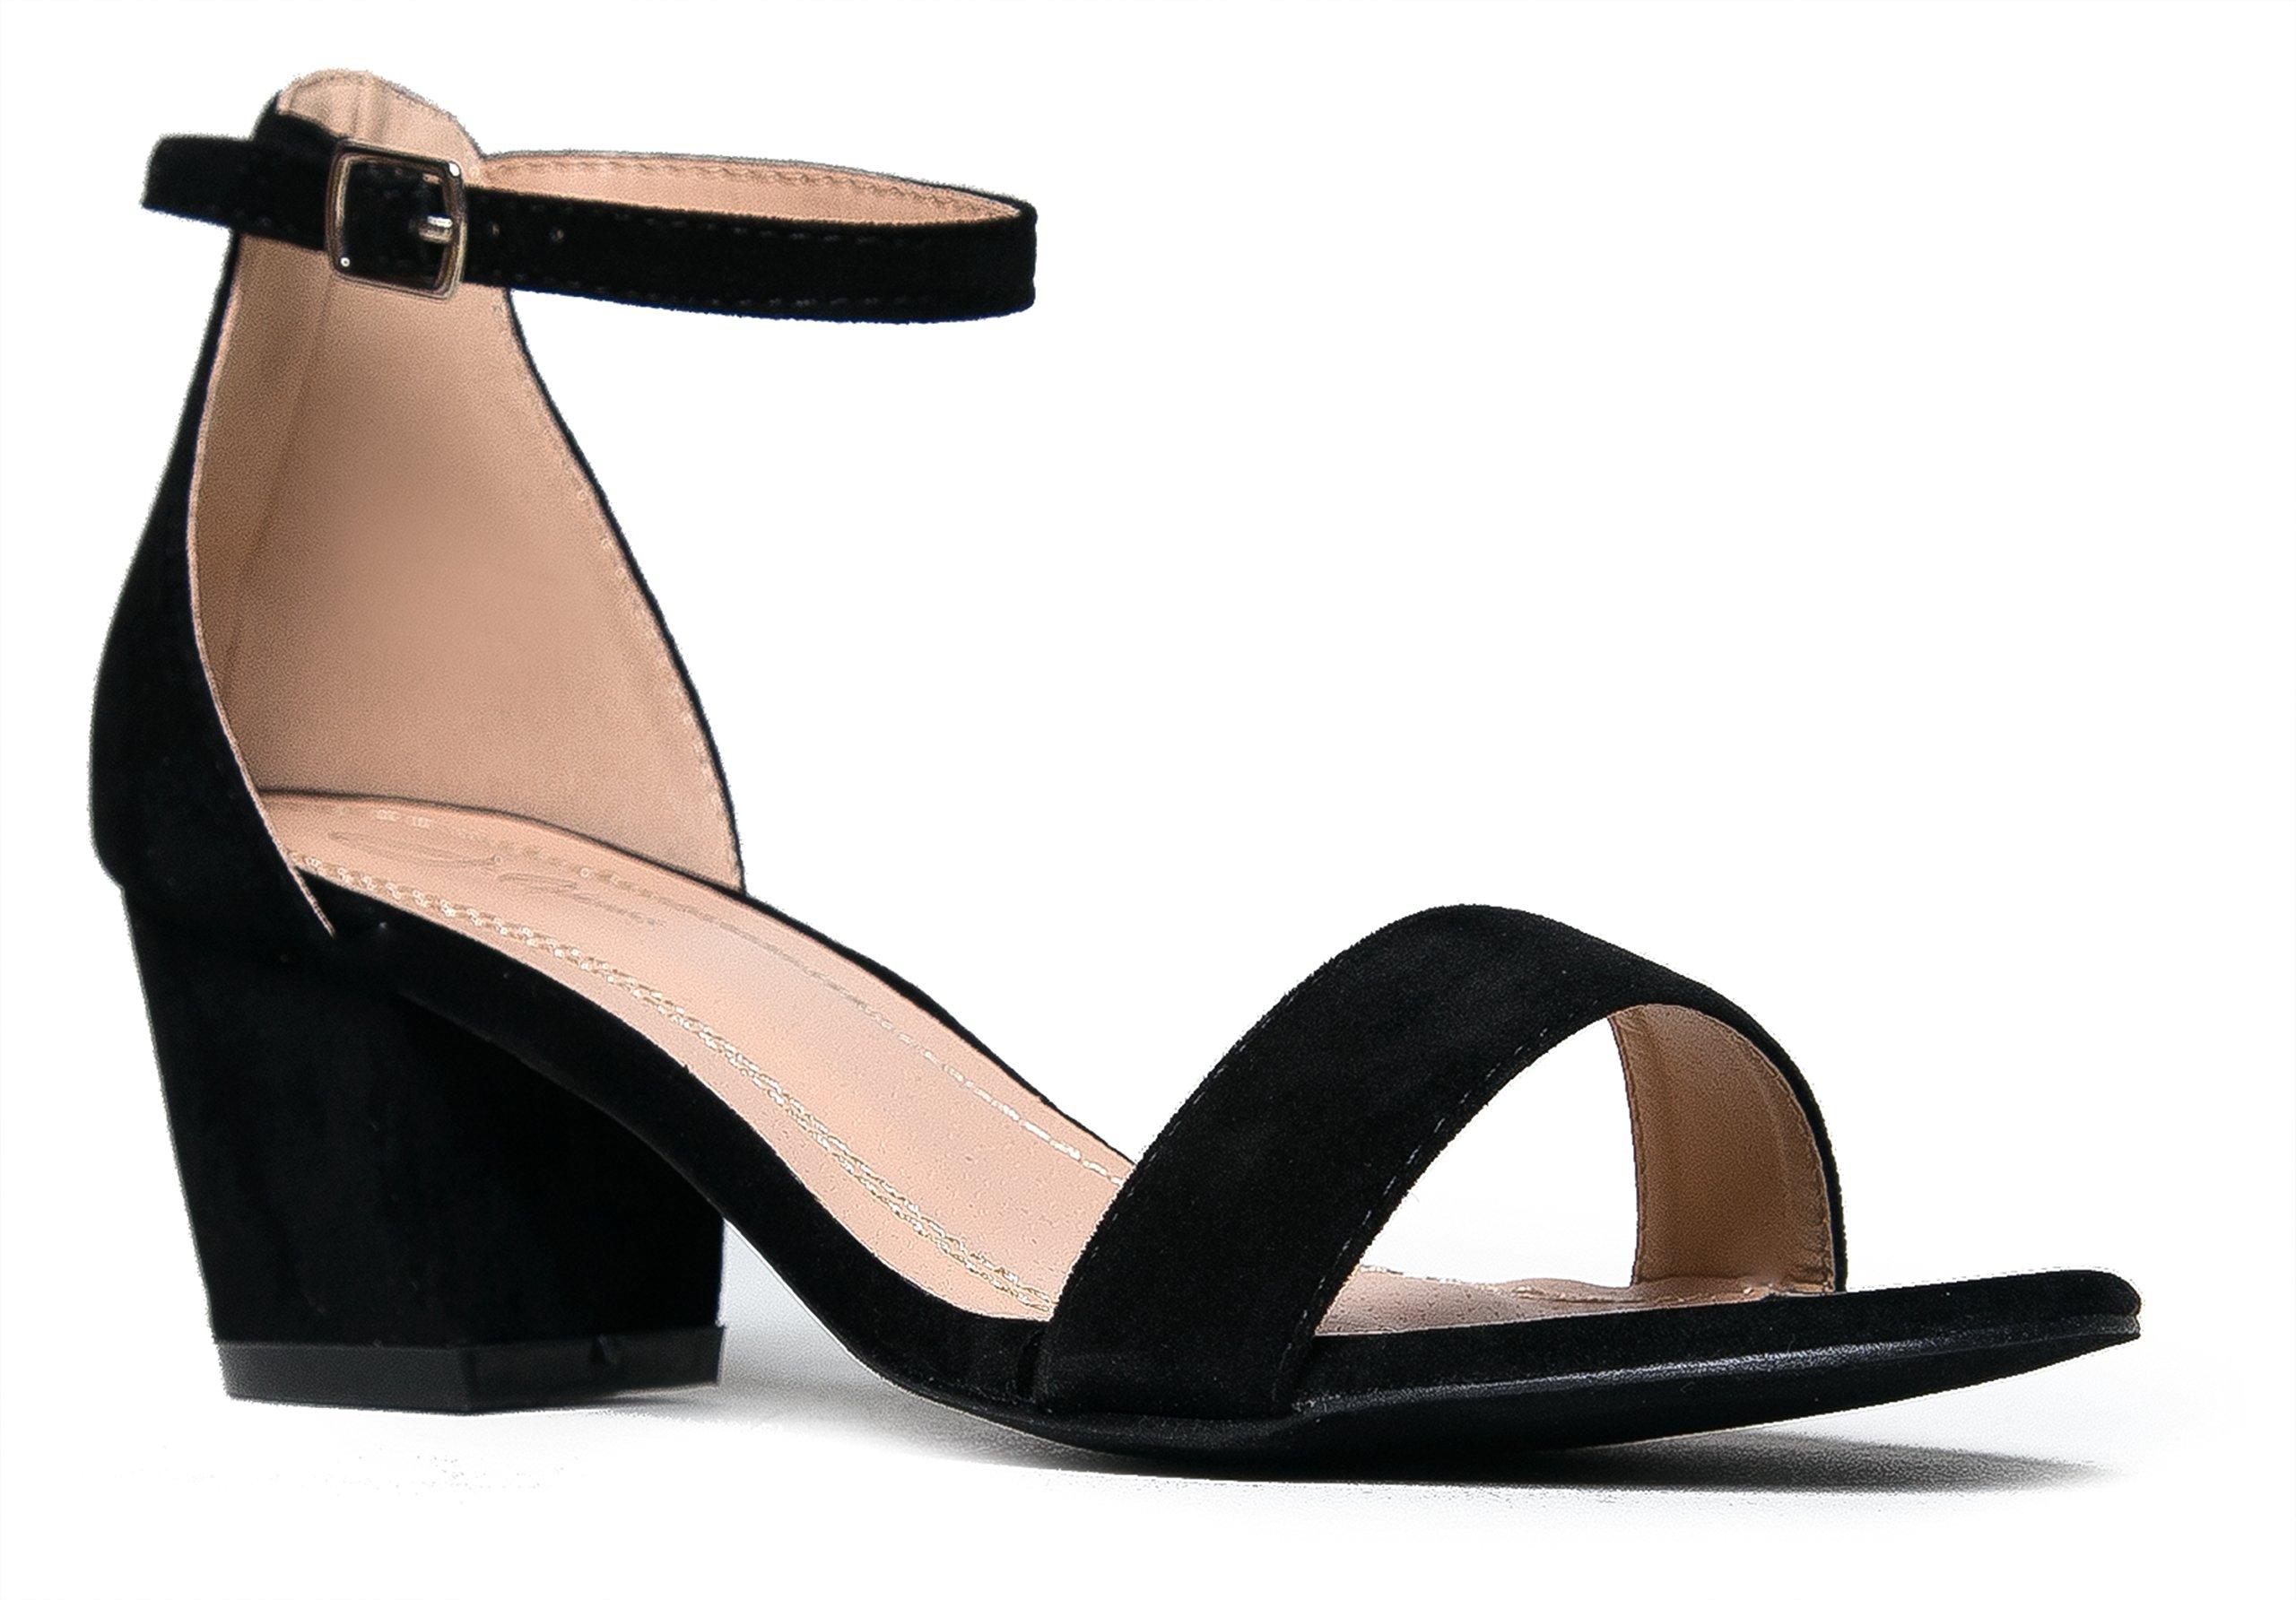 J. Adams Daisy Mid Heel Sandal Black 9 B(M) US